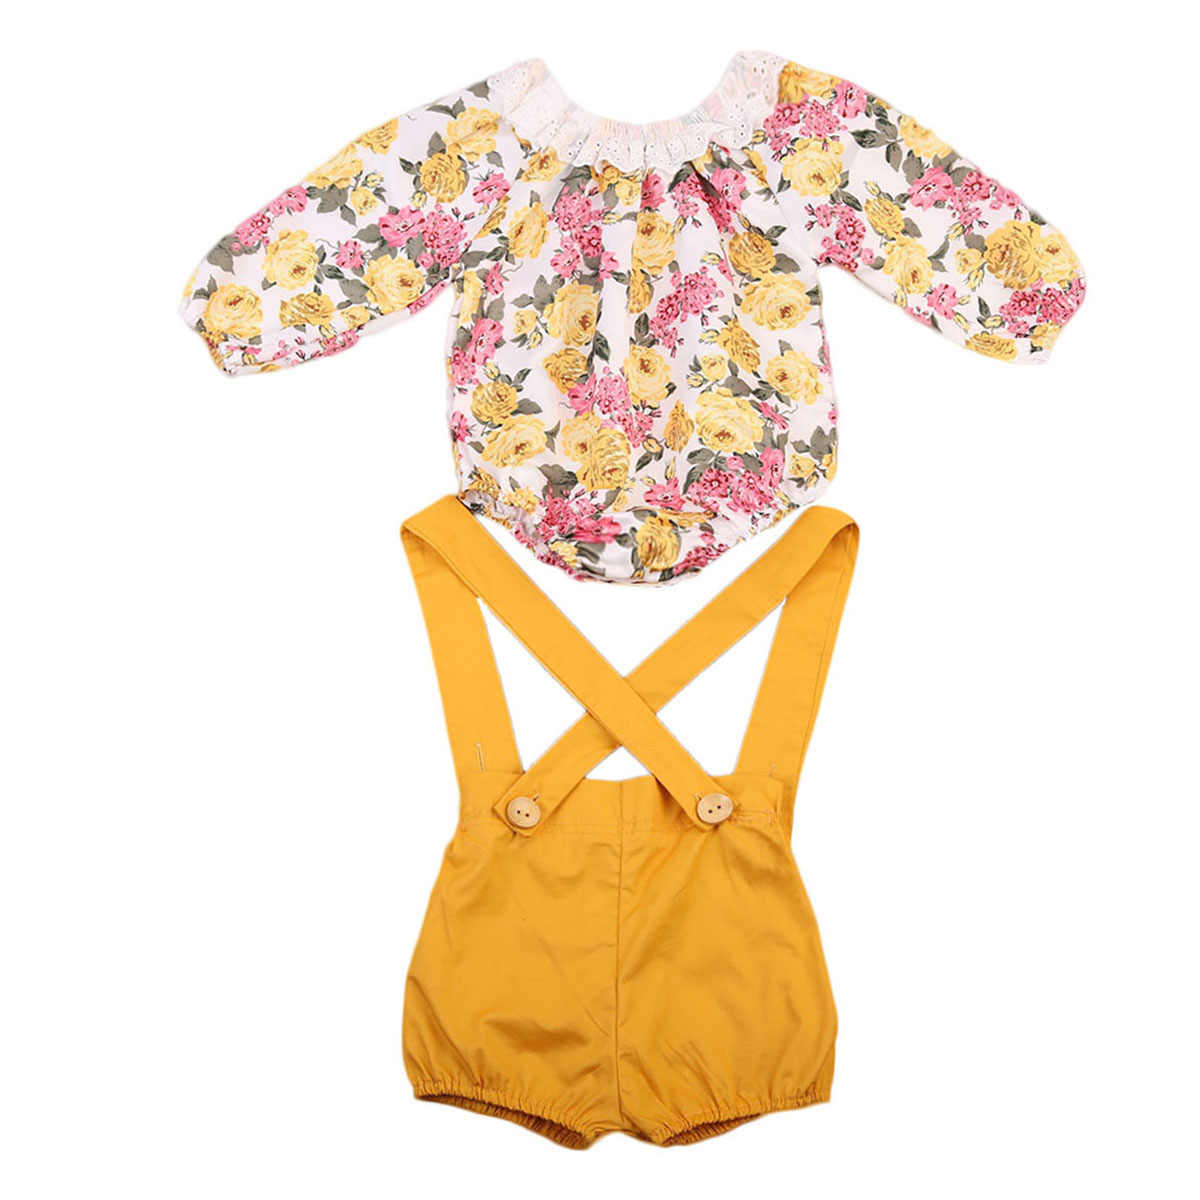 Новый осенний комбинезон для маленьких девочек, кружевной комбинезон принцессы с цветочным принтом + короткие штаны, комплект из 2 предметов, Детский костюм пляжного типа для девочки